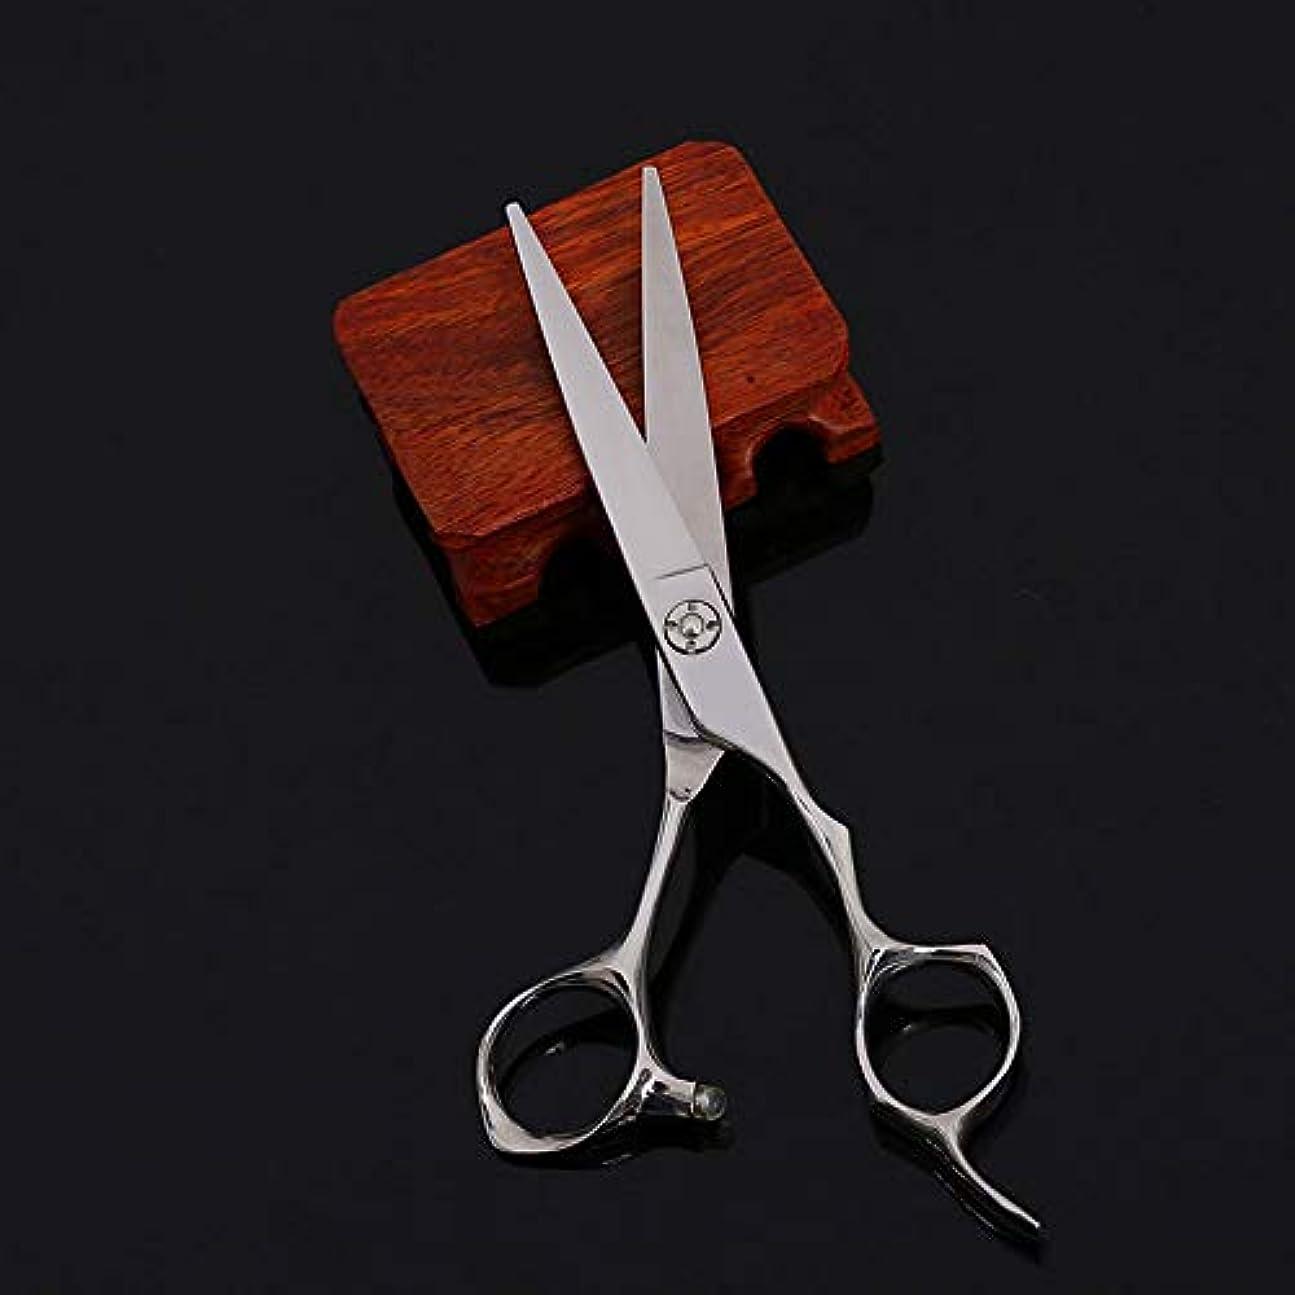 望み過敏なストライプ6インチプロフェッショナルヘアカットフラットハサミ、ヘアサロン、家庭用理髪ツール モデリングツール (色 : Silver)